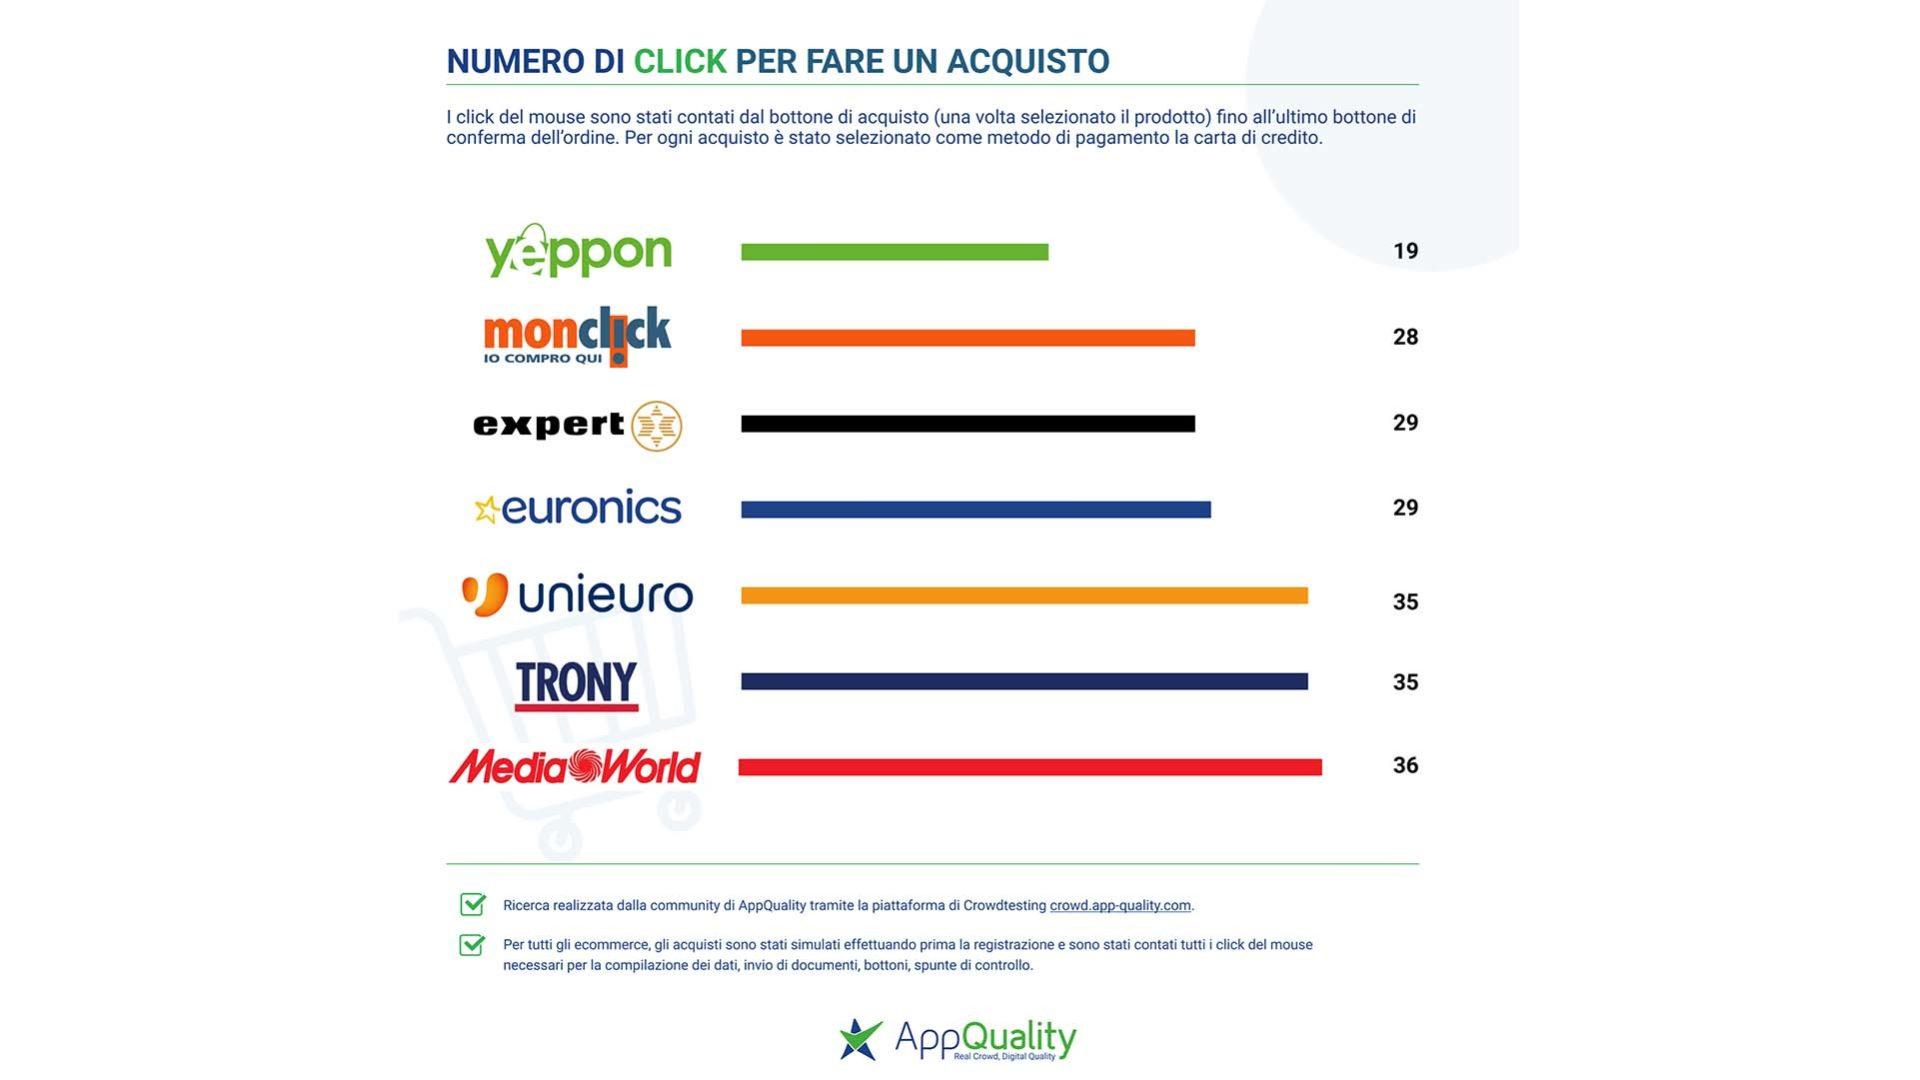 grafico che mostra il numero di click necessari per l'acquisto su vari e-commerce di elettronica